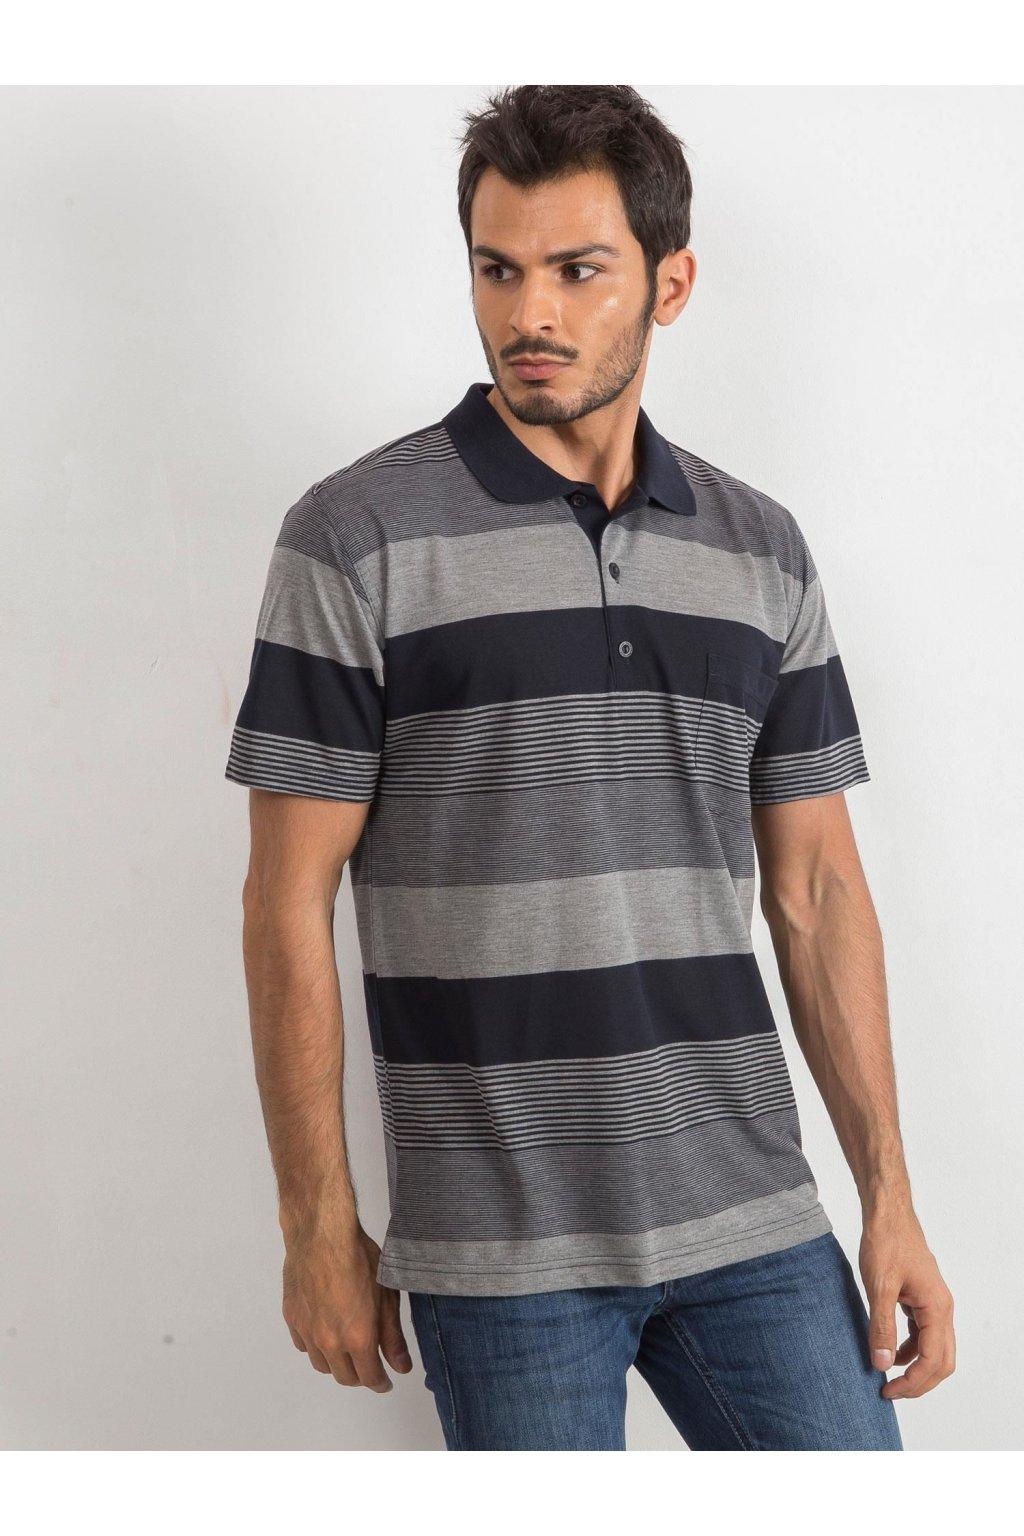 Pánske tričko kód 288-BZ-1081.52P